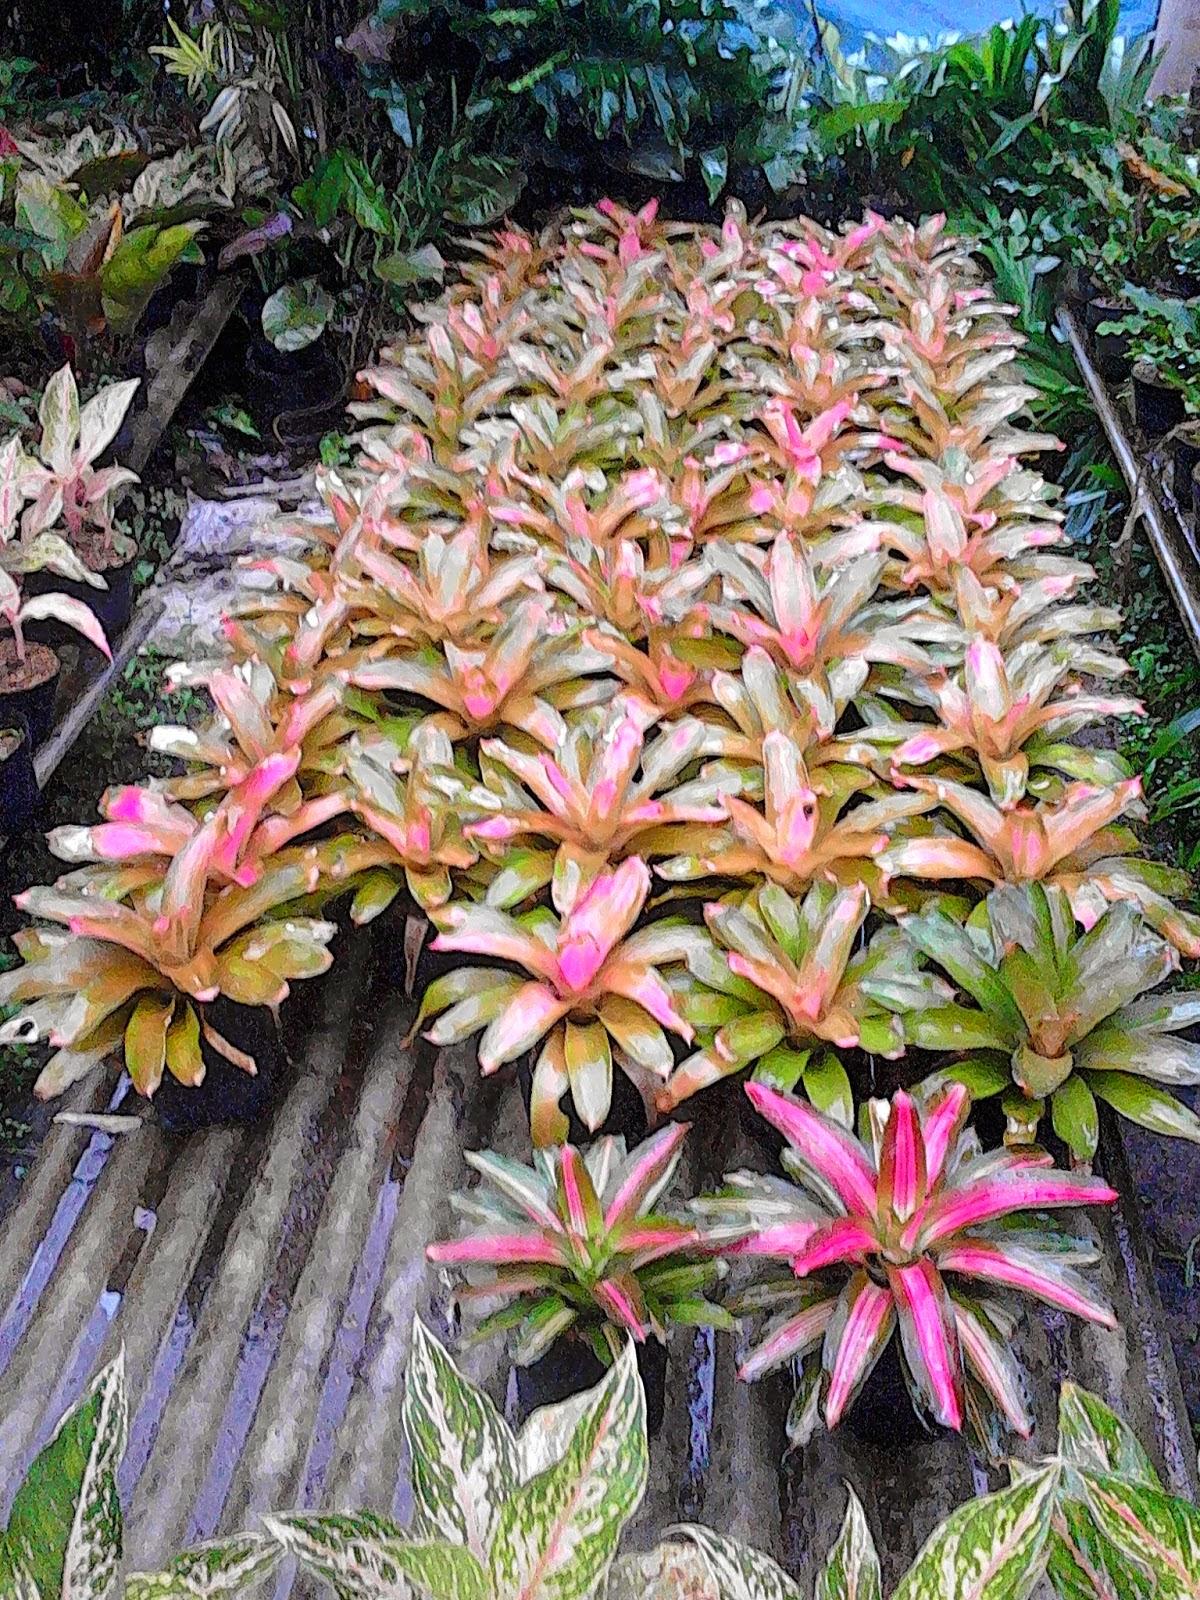 Jual bromelia pink grees,purple star,pink new | aneka jenis bromelia | suplier tanaman | tanaman hias | jasa desain taman